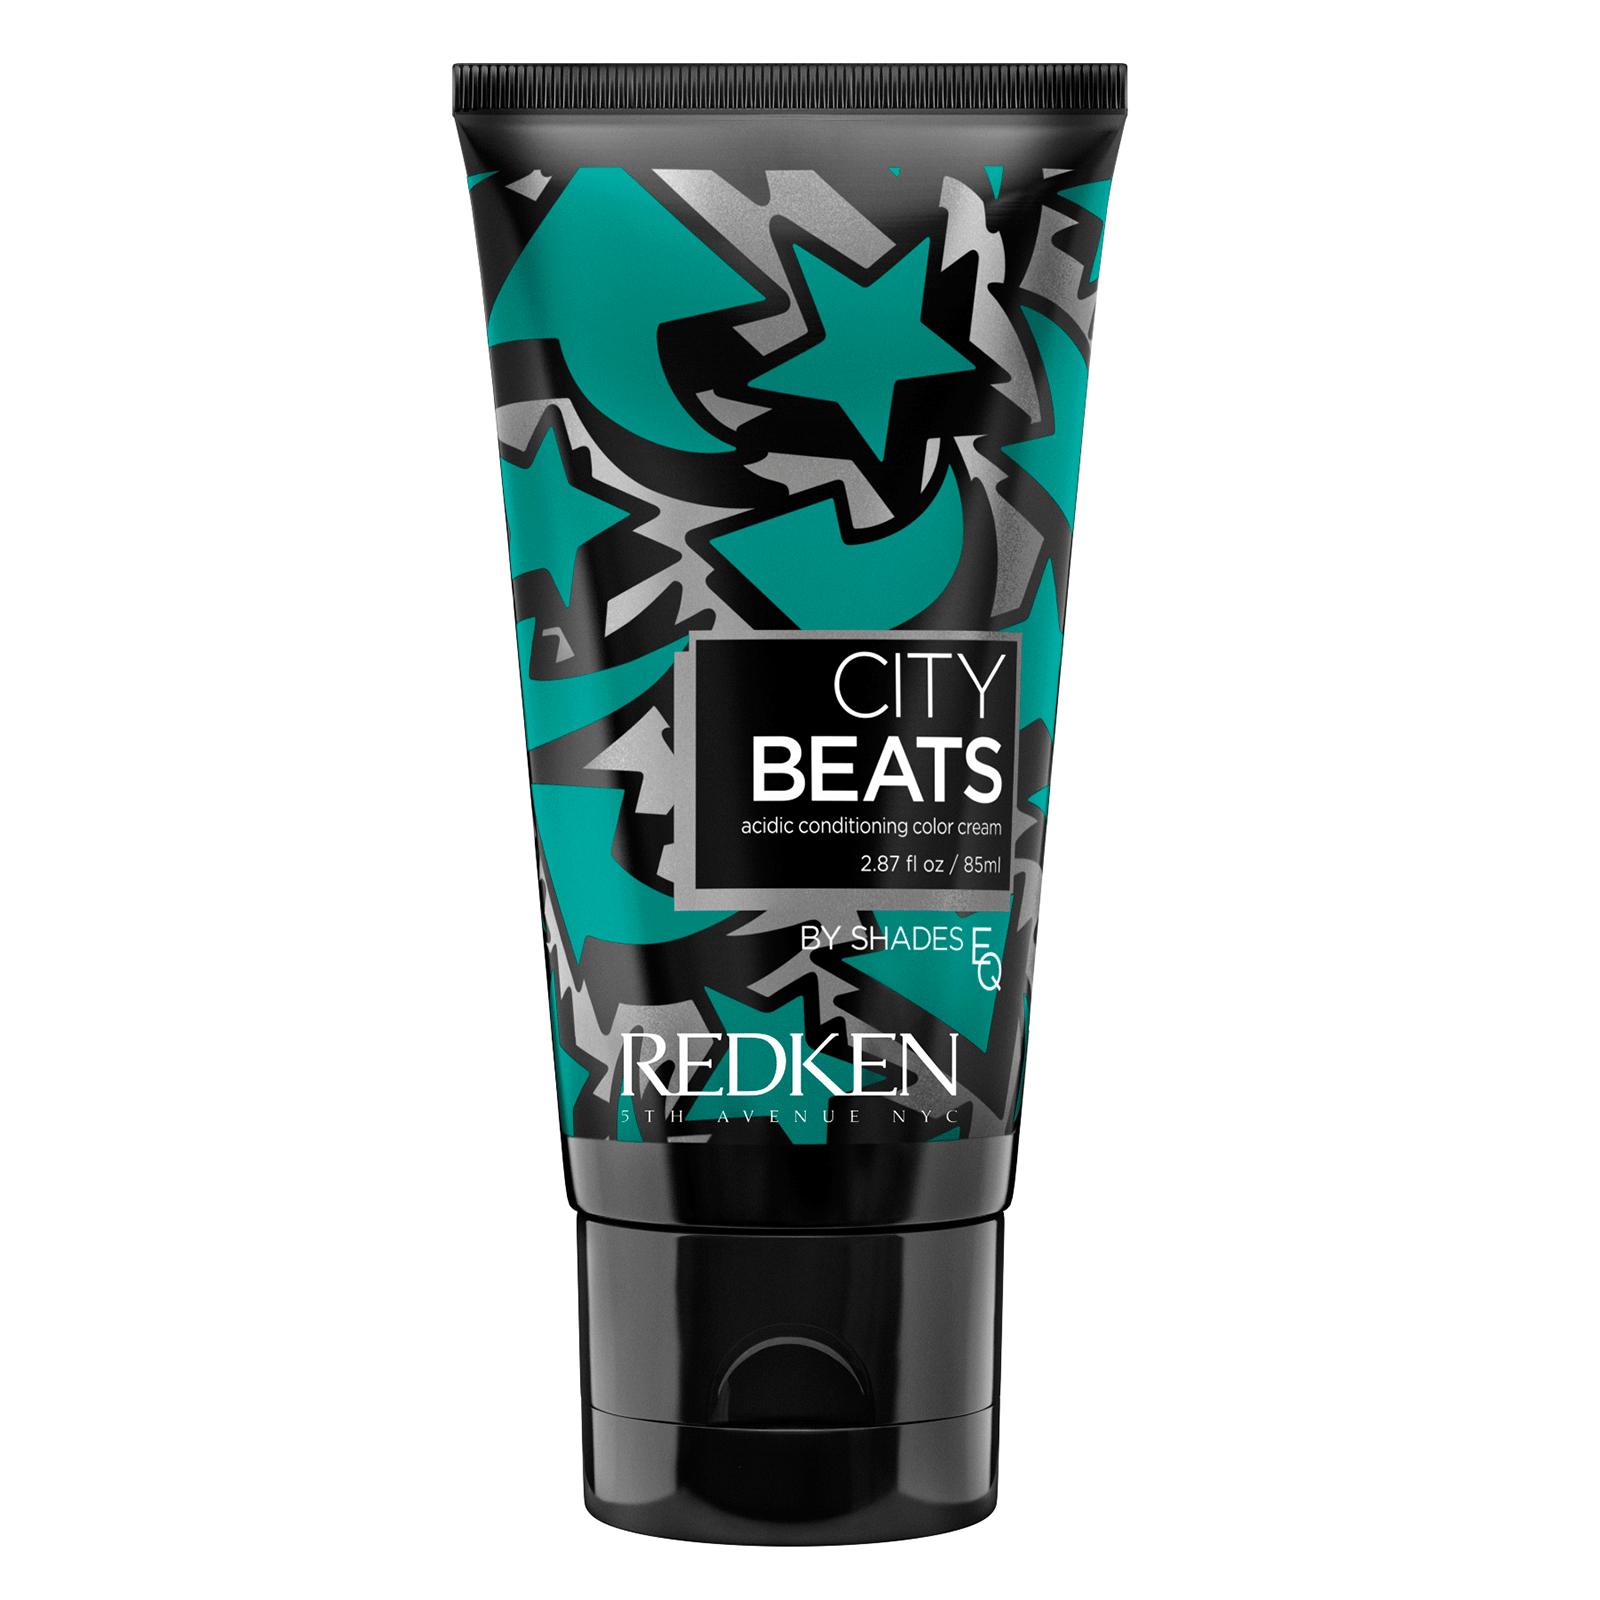 REDKEN Крем с тонирующим эффектом для волос Неоново-изумрудный Таймс-Сквер (зеленый) / CITY BEATS 85мл